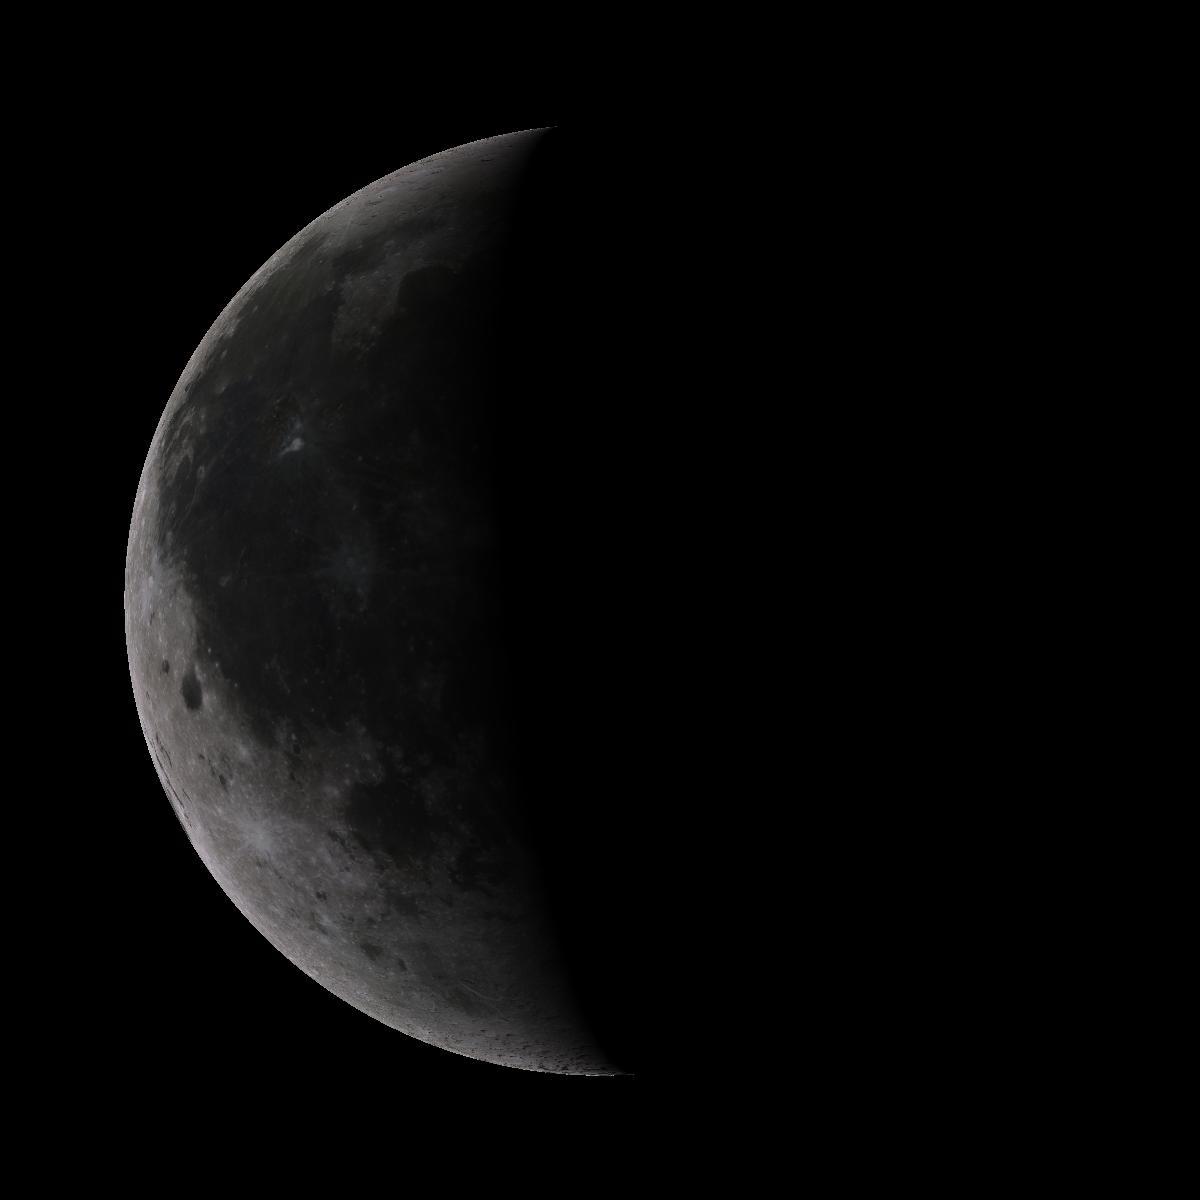 Lune du 23 septembre 2019